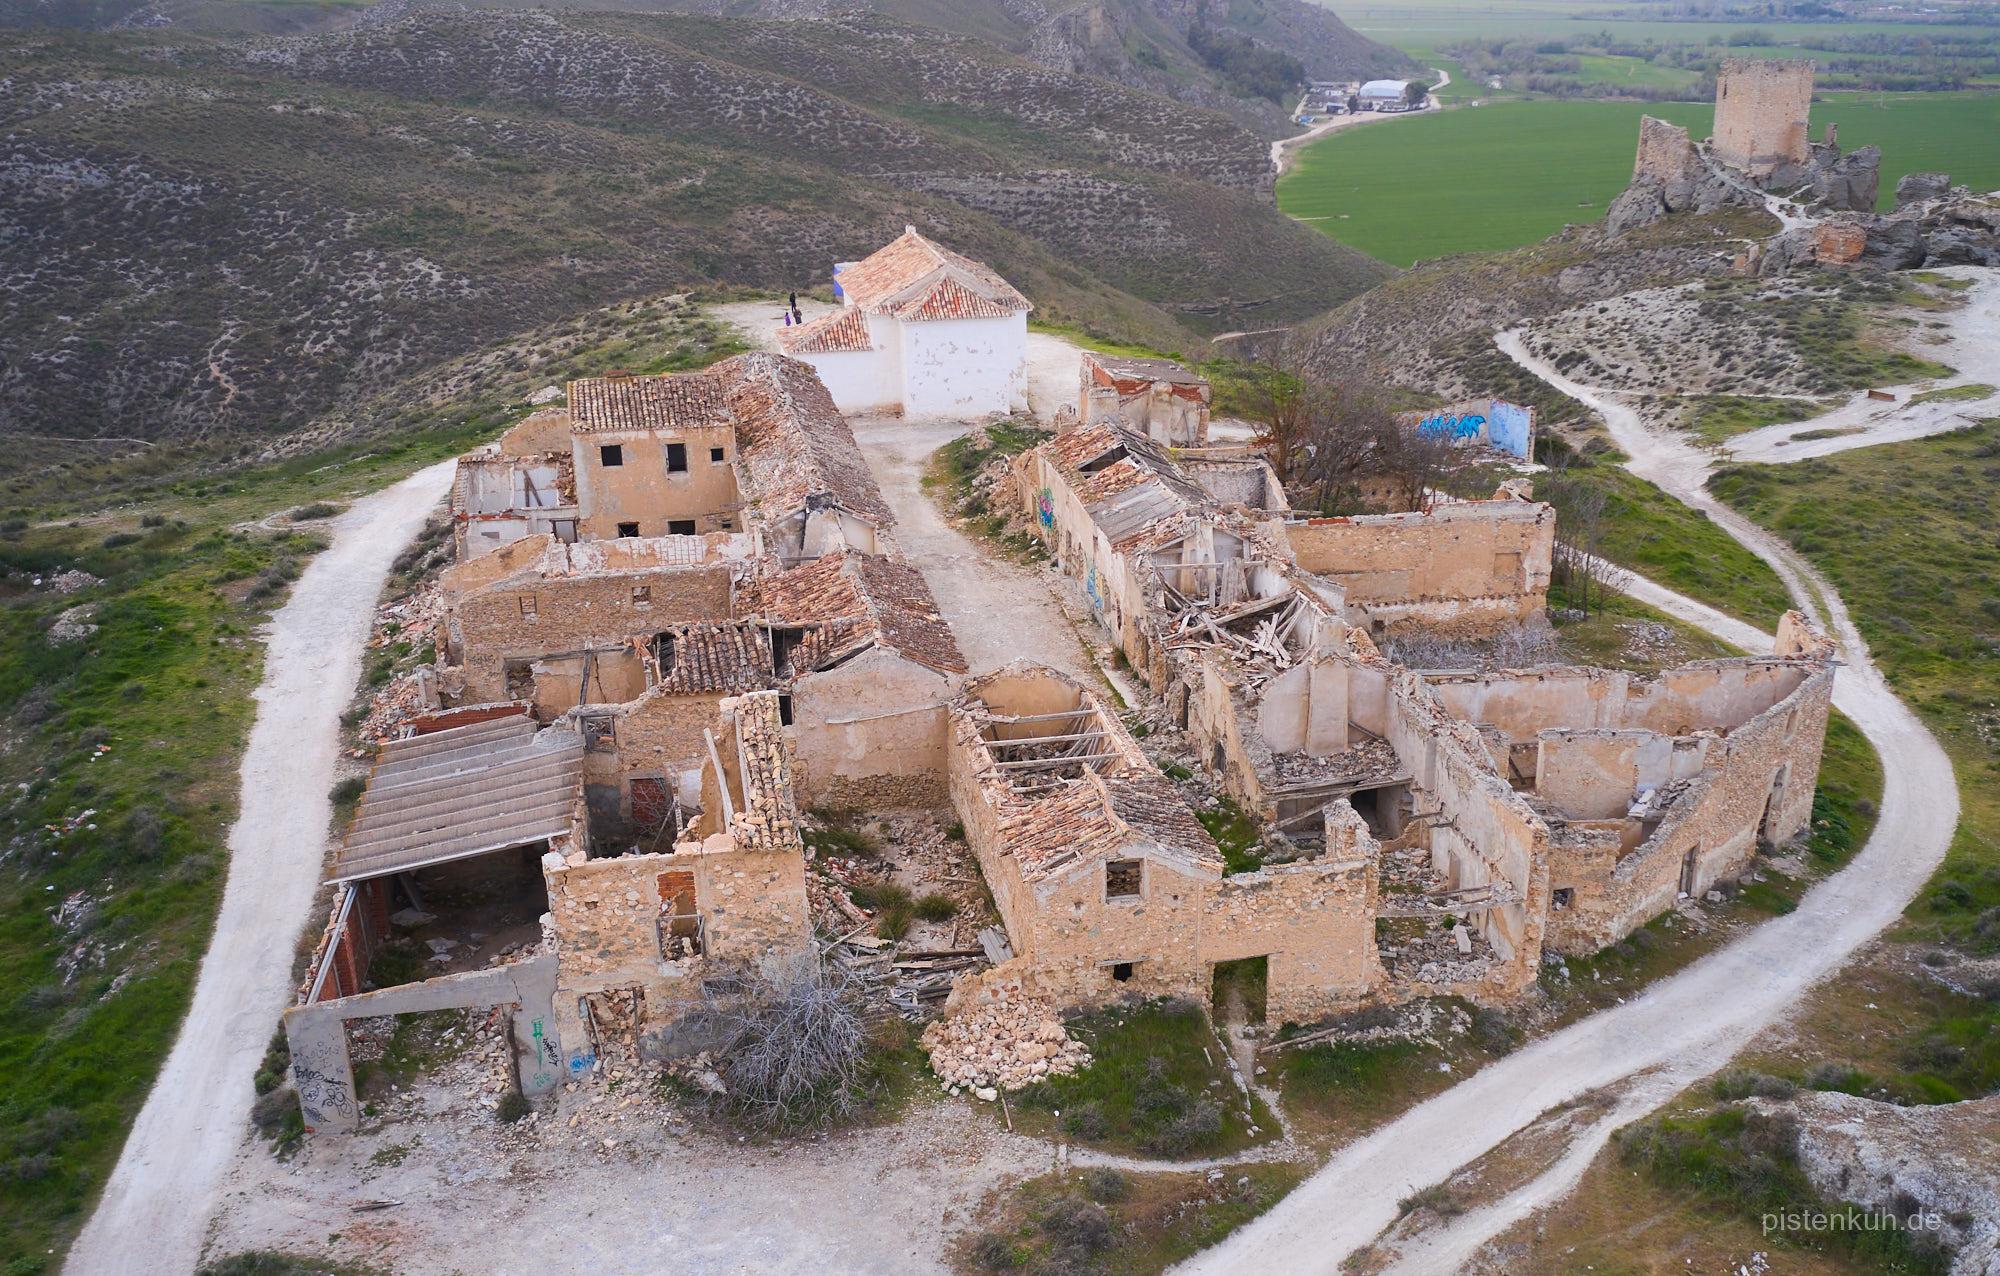 Zerfallen und unbewohnt, das Schicksal von fast 3.000 spanischen Dörfern.